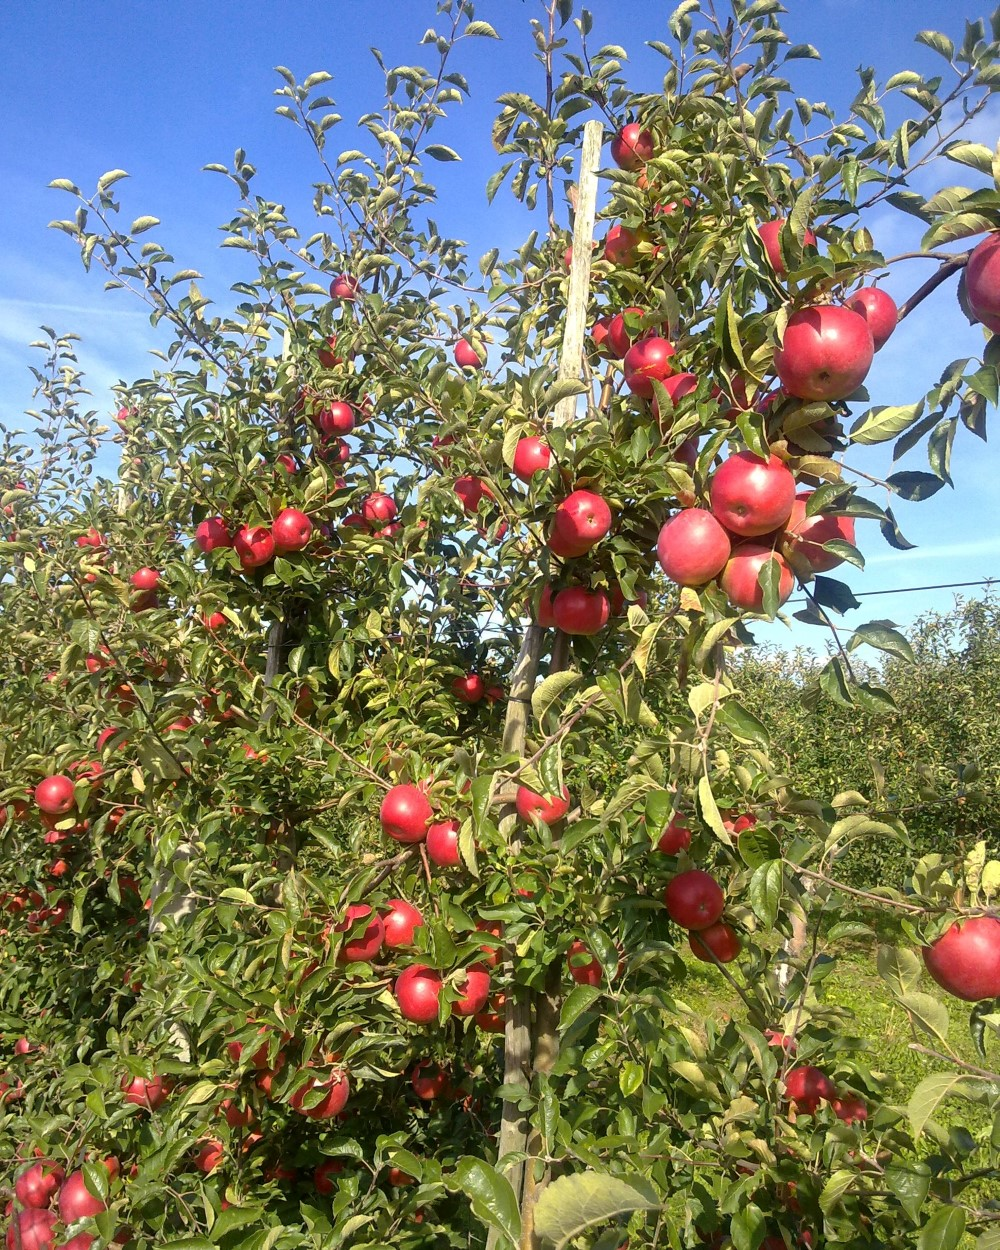 16012011433 - Frutta e verdura dalla Polonia